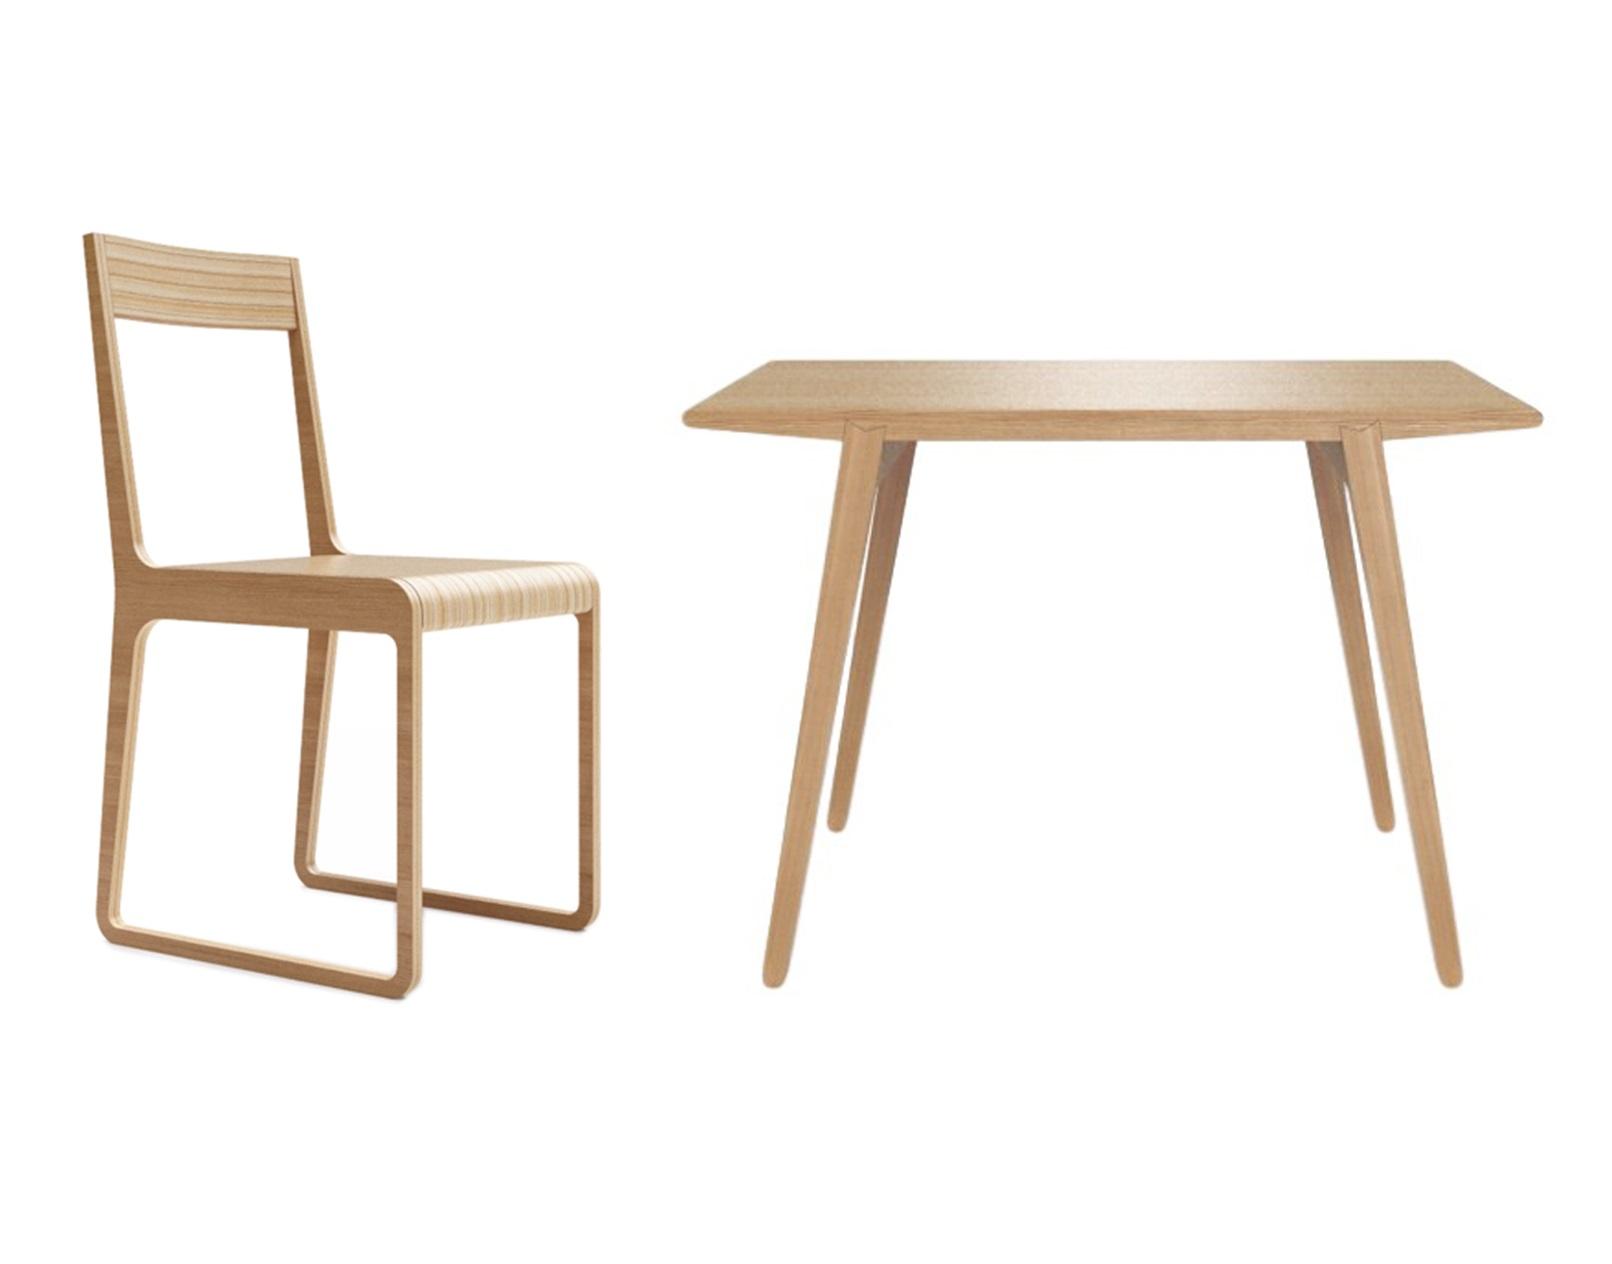 Обеденная группа M?nster?s (стол + 4 стула)Комплекты для столовой<br>&amp;lt;div&amp;gt;&amp;lt;div&amp;gt;Стол M?nster?s сочетает в себе формы футуристичных 60-х и естественность скандинавского дизайна. У стола и стула отделка шпоном дуба.&amp;lt;/div&amp;gt;&amp;lt;div&amp;gt;Данный стол производится в 5 размерах.&amp;lt;/div&amp;gt;&amp;lt;/div&amp;gt;&amp;lt;div&amp;gt;&amp;lt;br&amp;gt;&amp;lt;/div&amp;gt;&amp;lt;div&amp;gt;&amp;lt;div&amp;gt;Размеры стола: 140/70/75&amp;lt;/div&amp;gt;&amp;lt;div&amp;gt;Материал стола: фанера&amp;lt;/div&amp;gt;&amp;lt;div&amp;gt;Размеры стула: 40/51/75&amp;lt;/div&amp;gt;&amp;lt;div&amp;gt;Материал стула: фанера&amp;lt;/div&amp;gt;&amp;lt;/div&amp;gt;<br><br>Material: Фанера<br>Width см: 140<br>Depth см: 70<br>Height см: 75